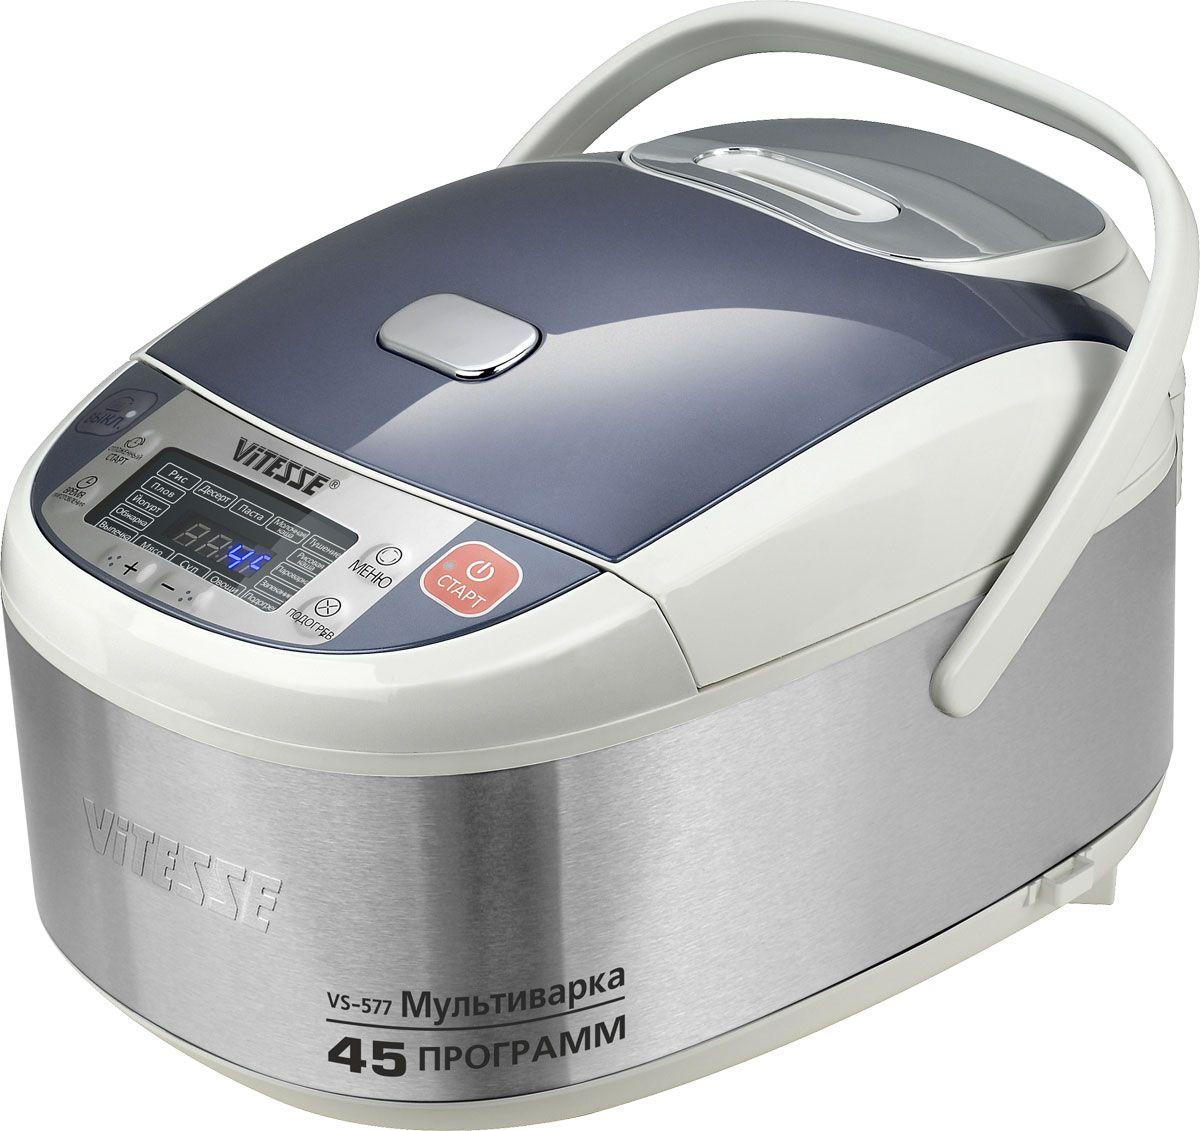 Купить Vitesse VS-577 мультиварка